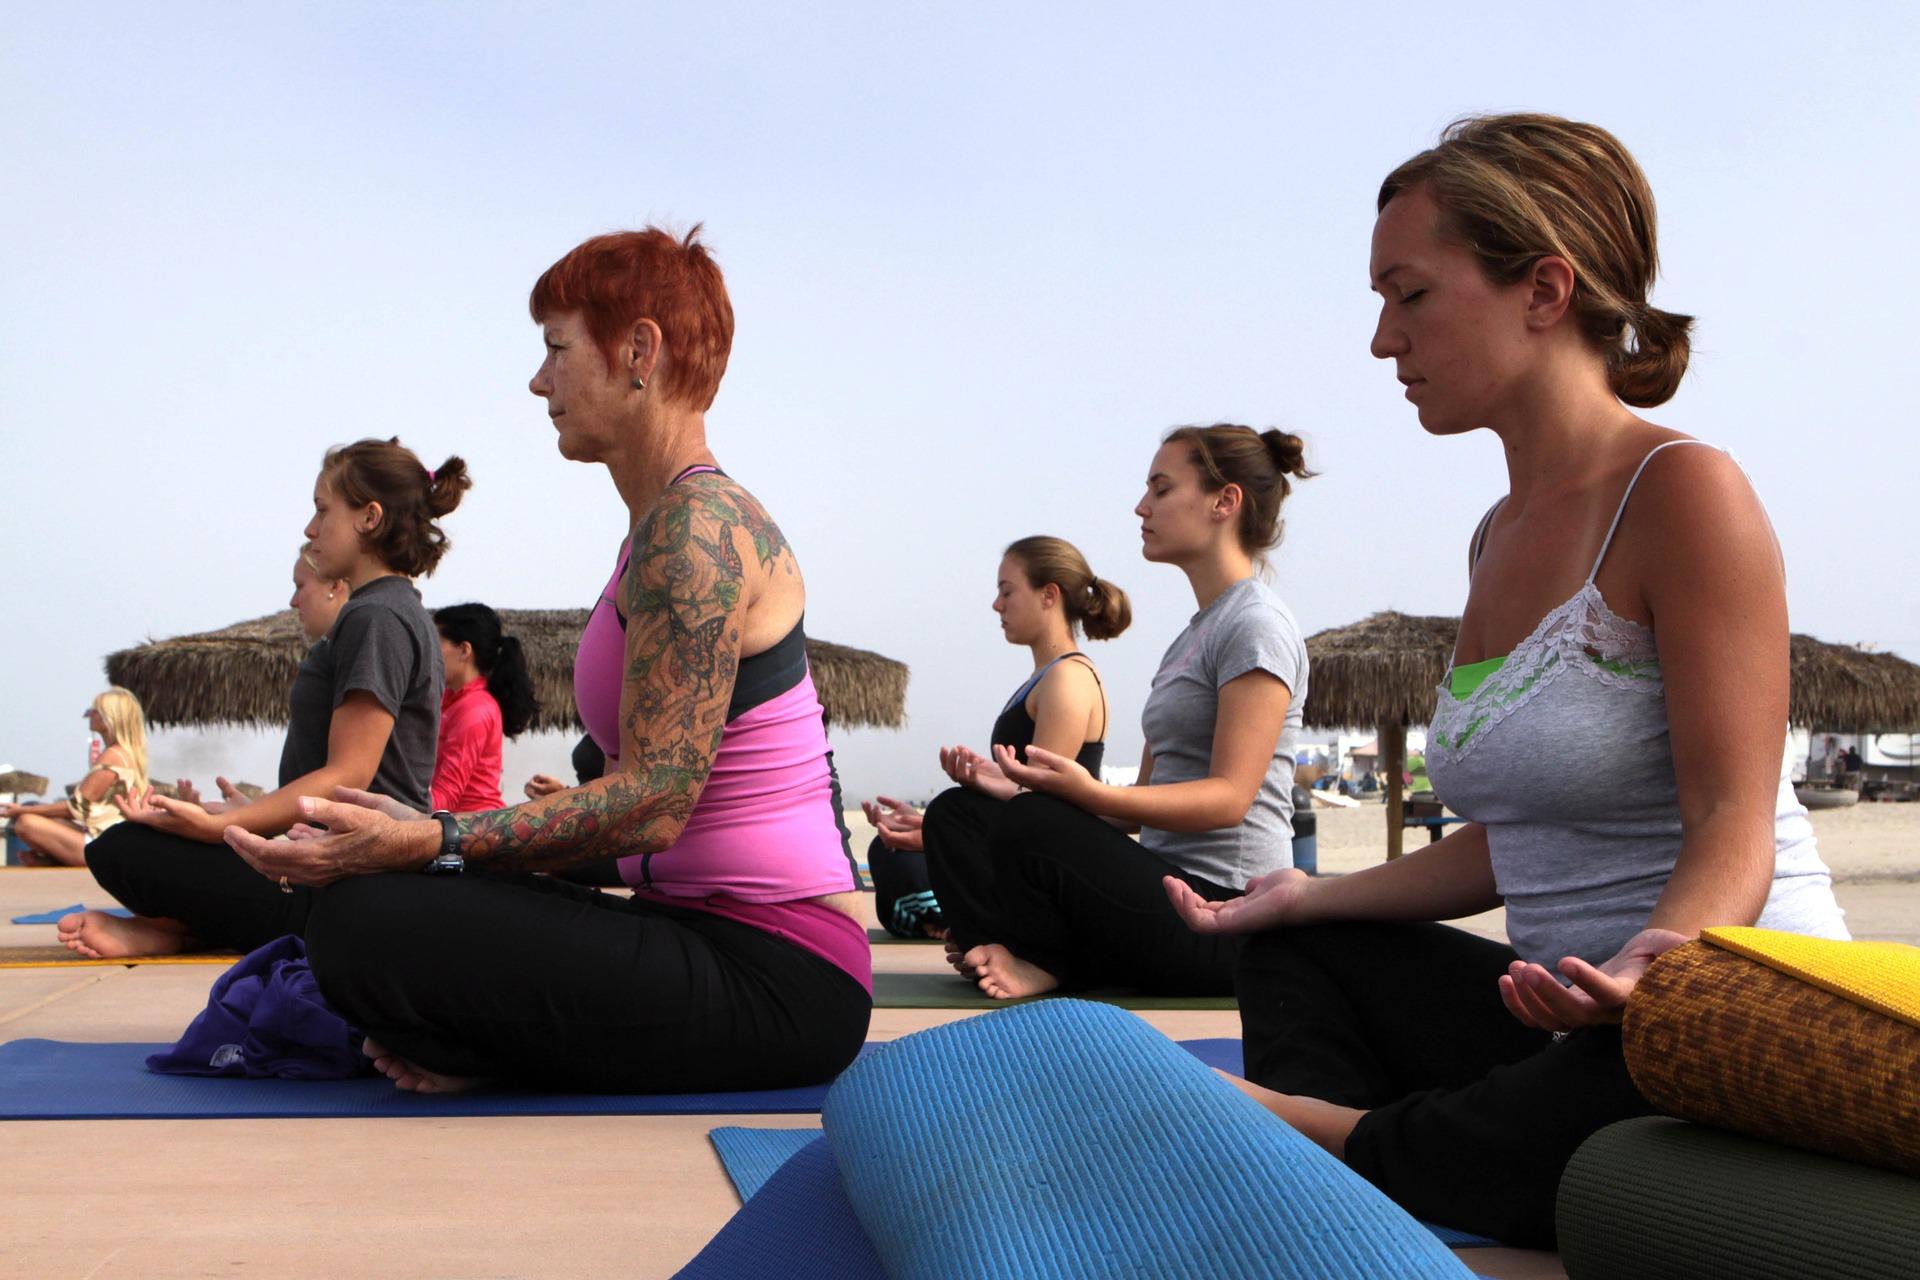 Changement du corps - Privilégier les sport doux et la relaxation permet de se maintenir en forme